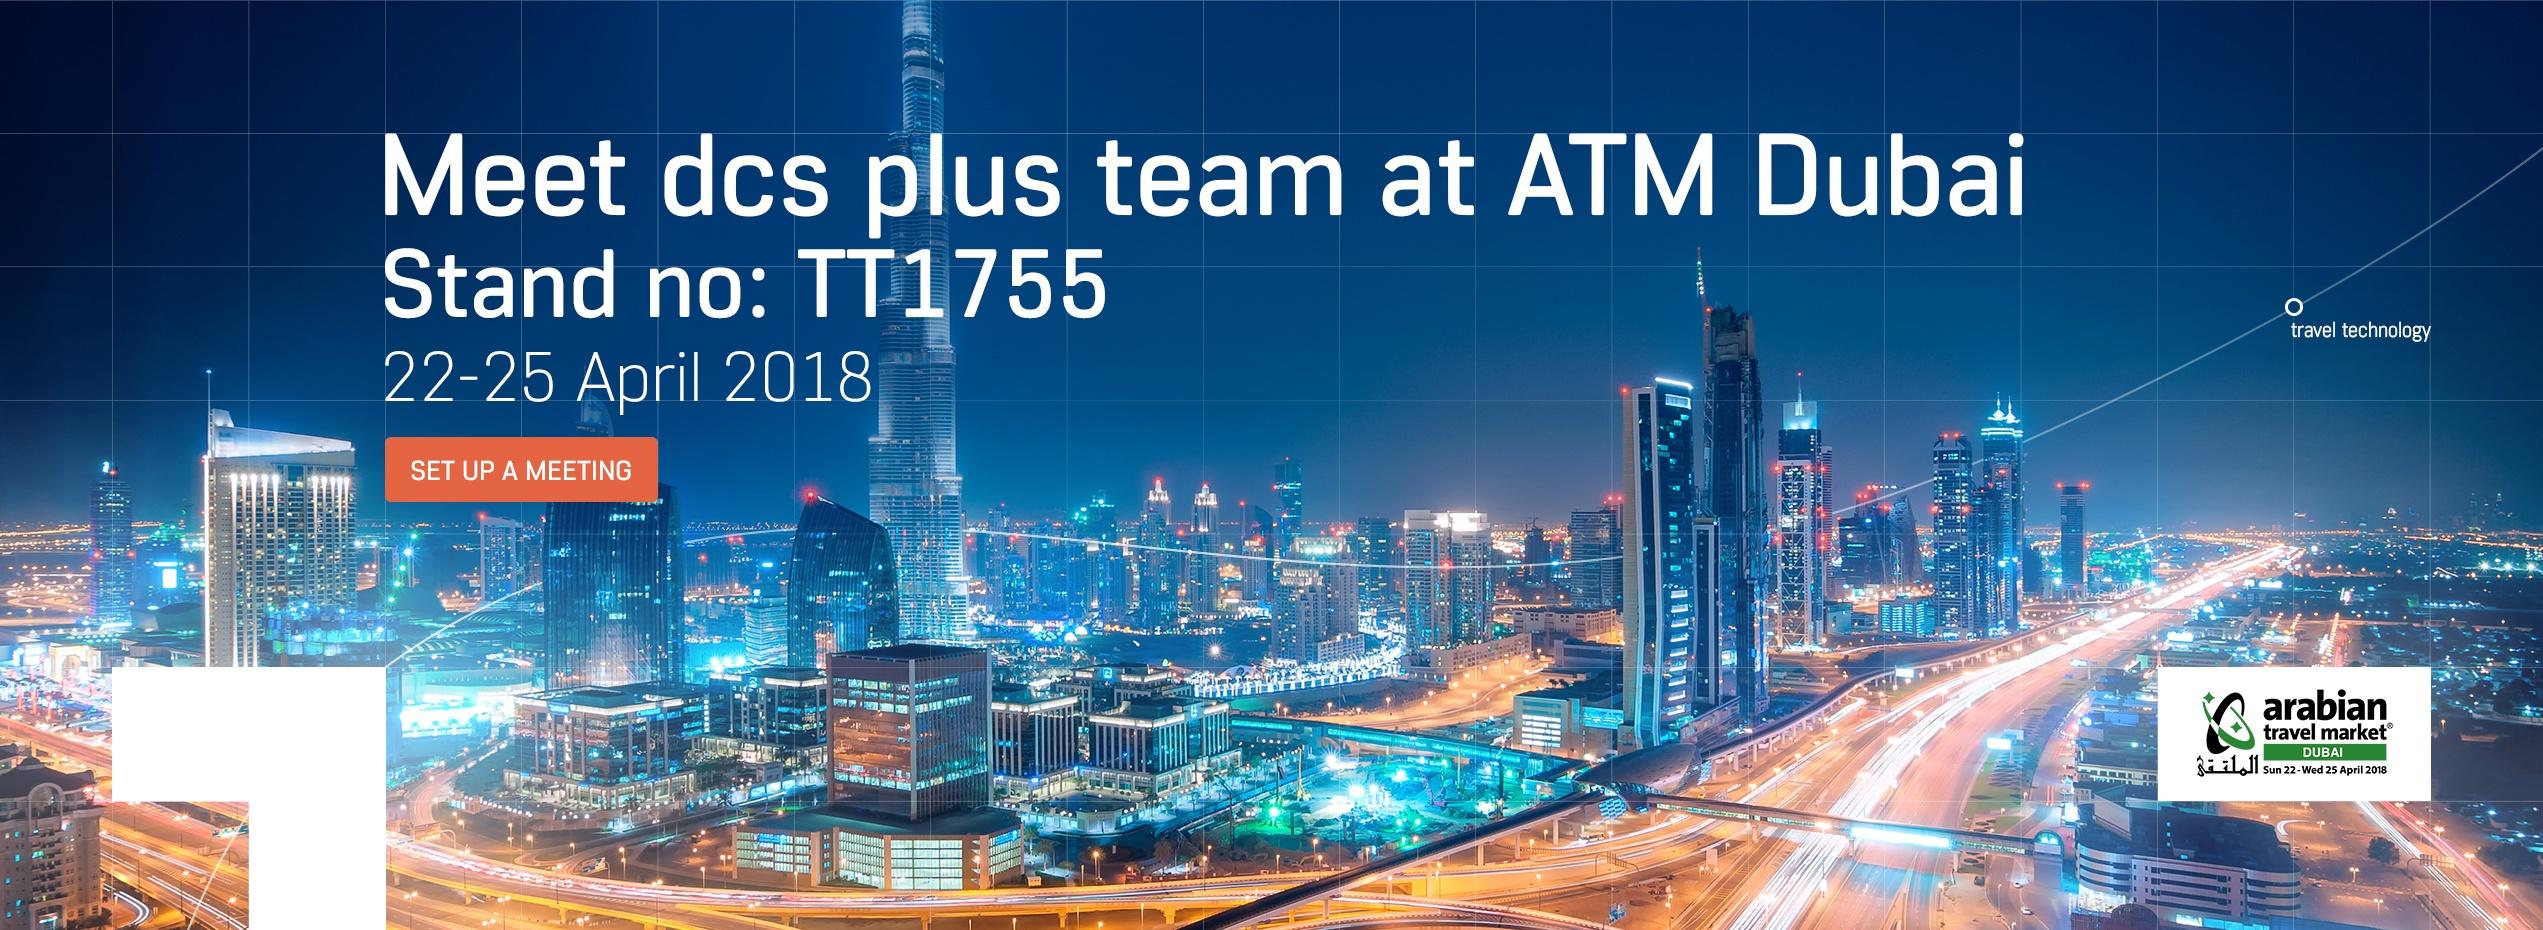 ATM Dubai 2018 - TT1755